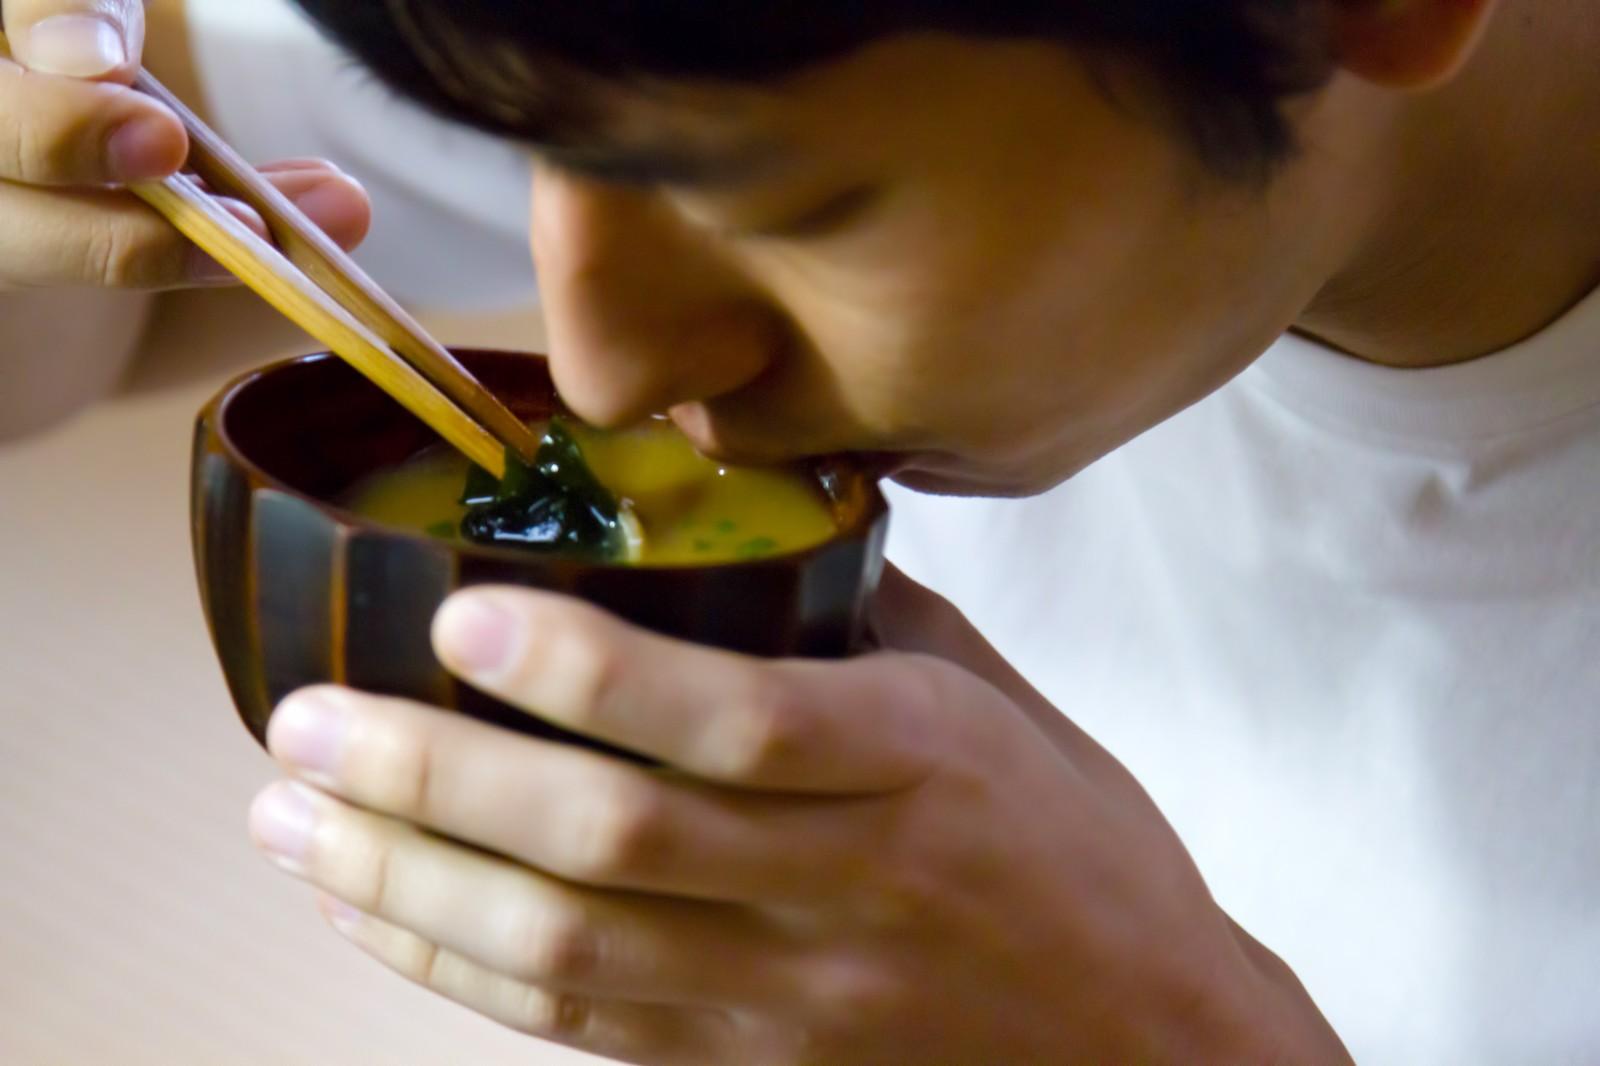 地域の具材を参考にして喜ばれる味噌汁のレパートリーを増やそう!